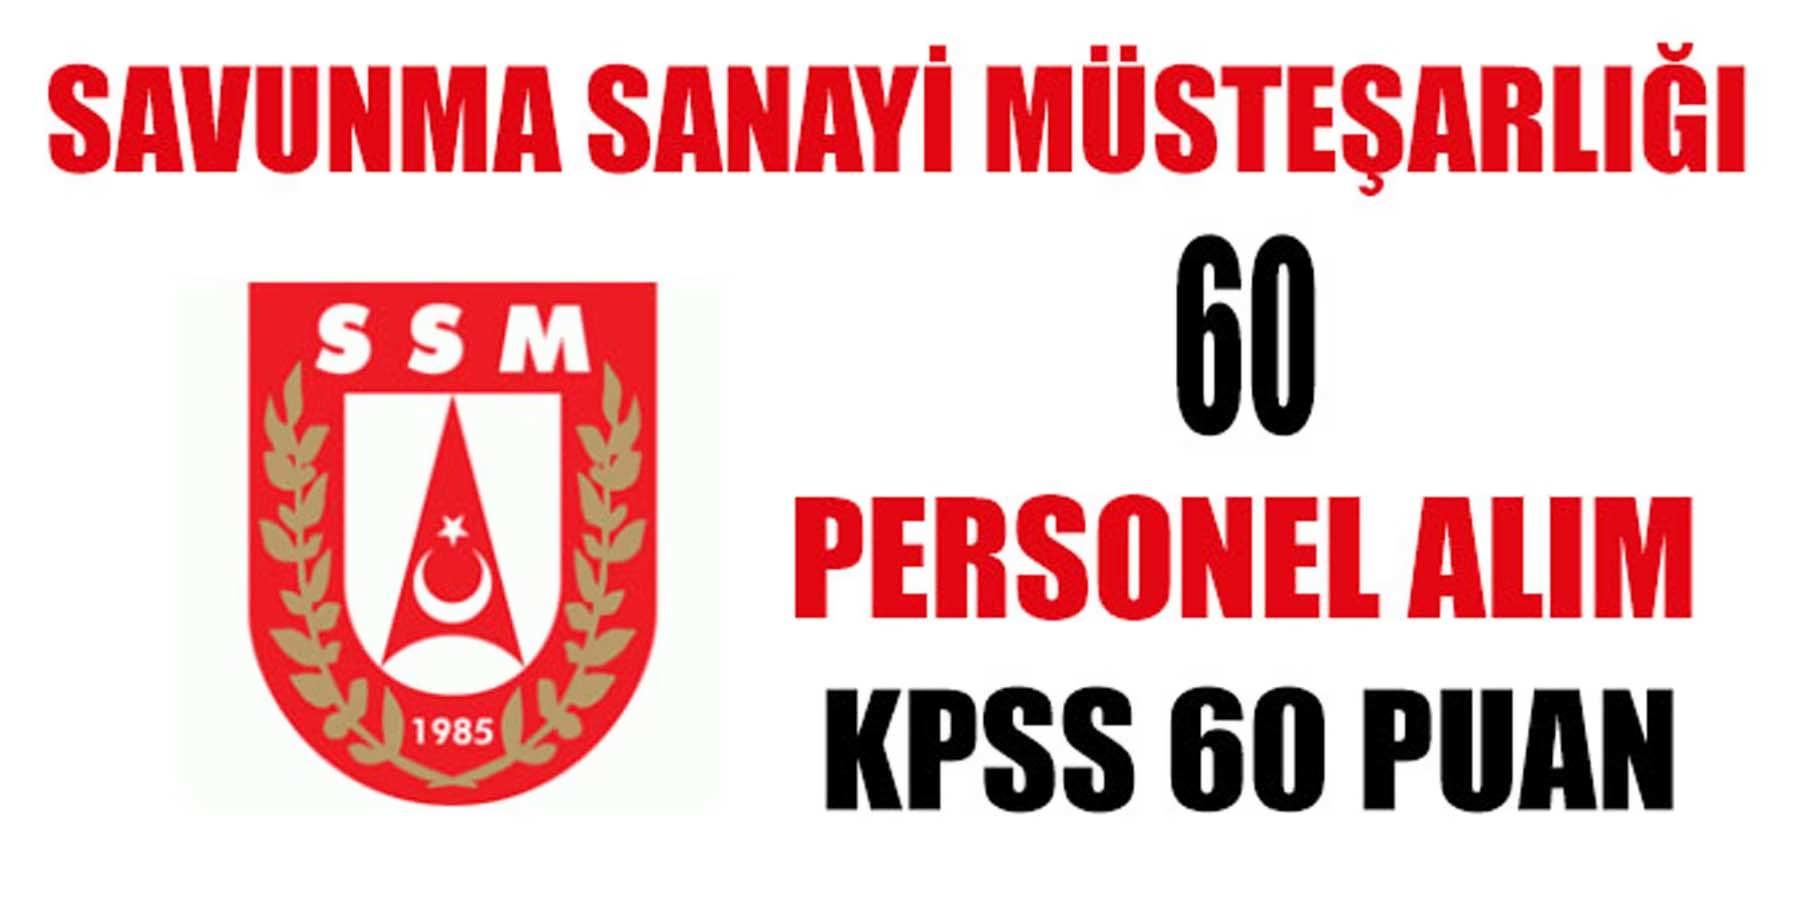 60 KPSS Puanı İle Savunma Sanayi Müsteşarlığı 60 Kamu Personeli Alımı